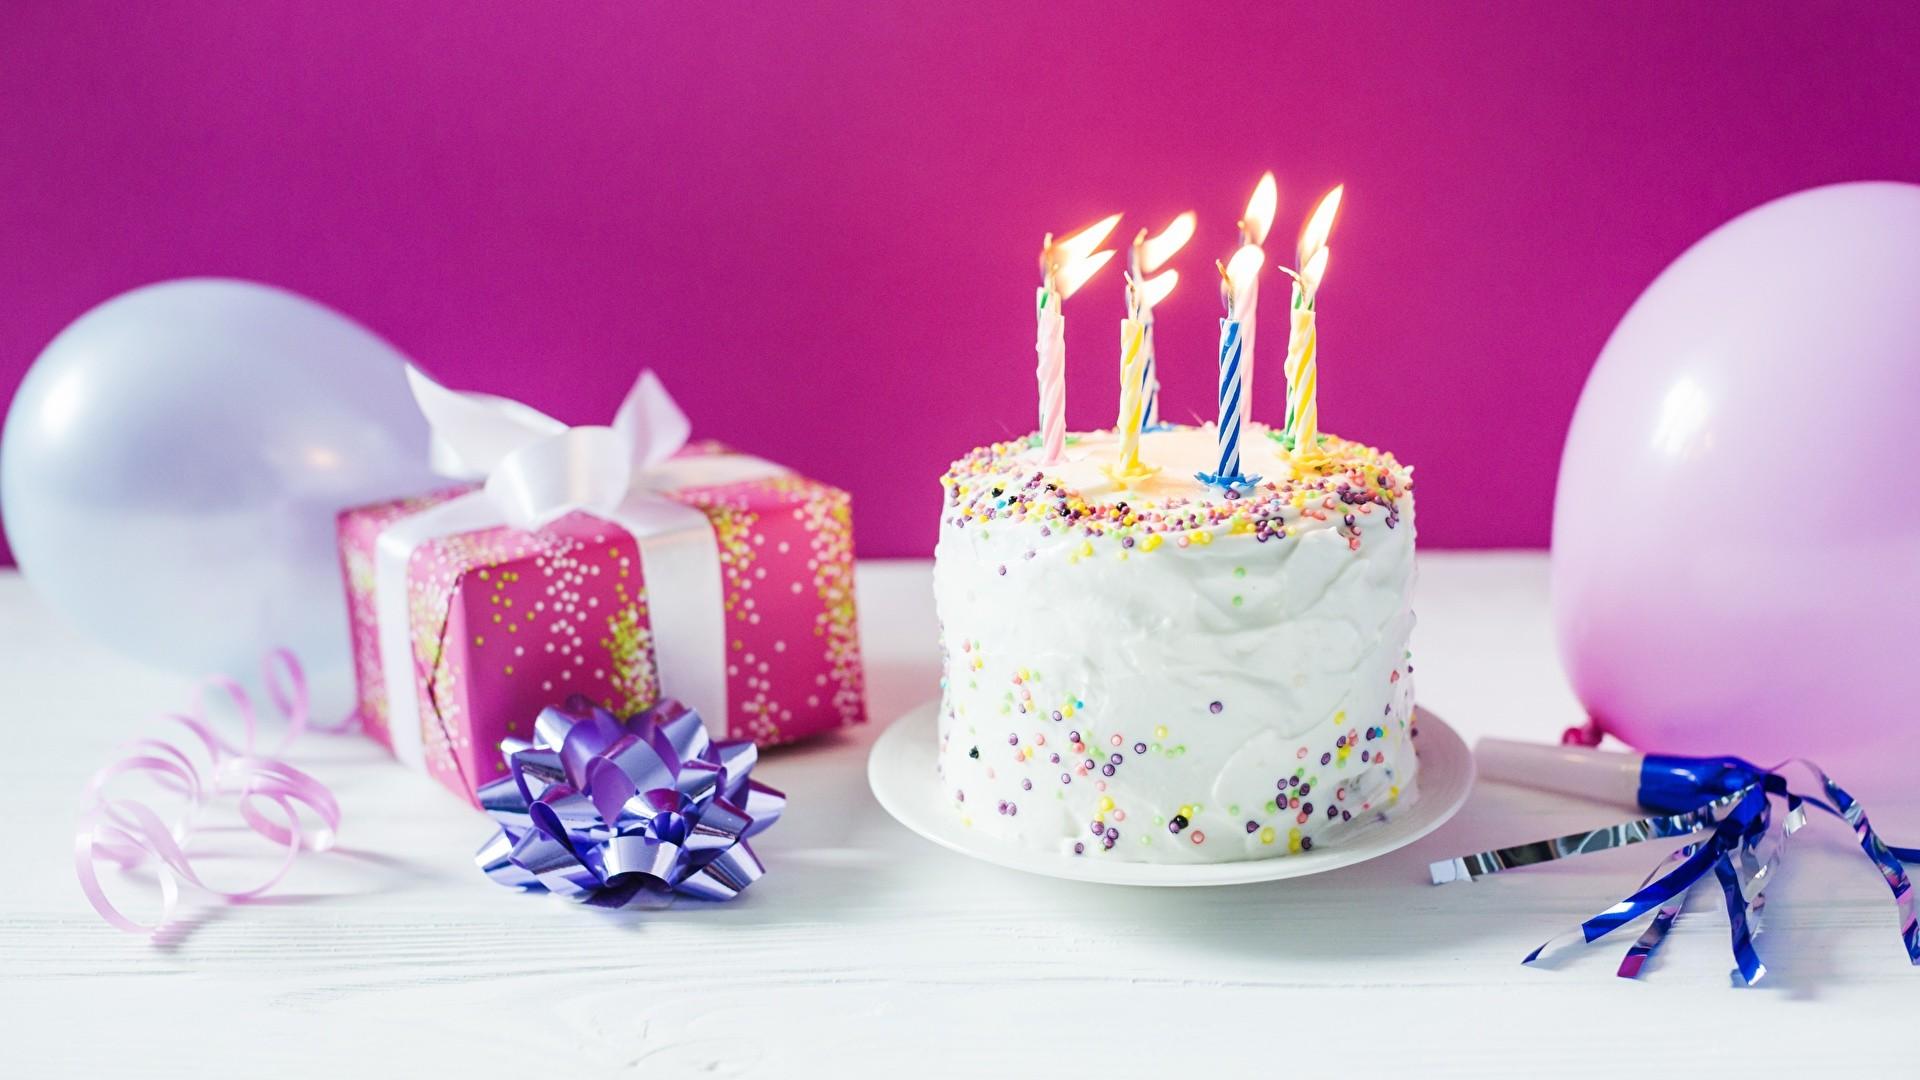 Birthday Cake background image